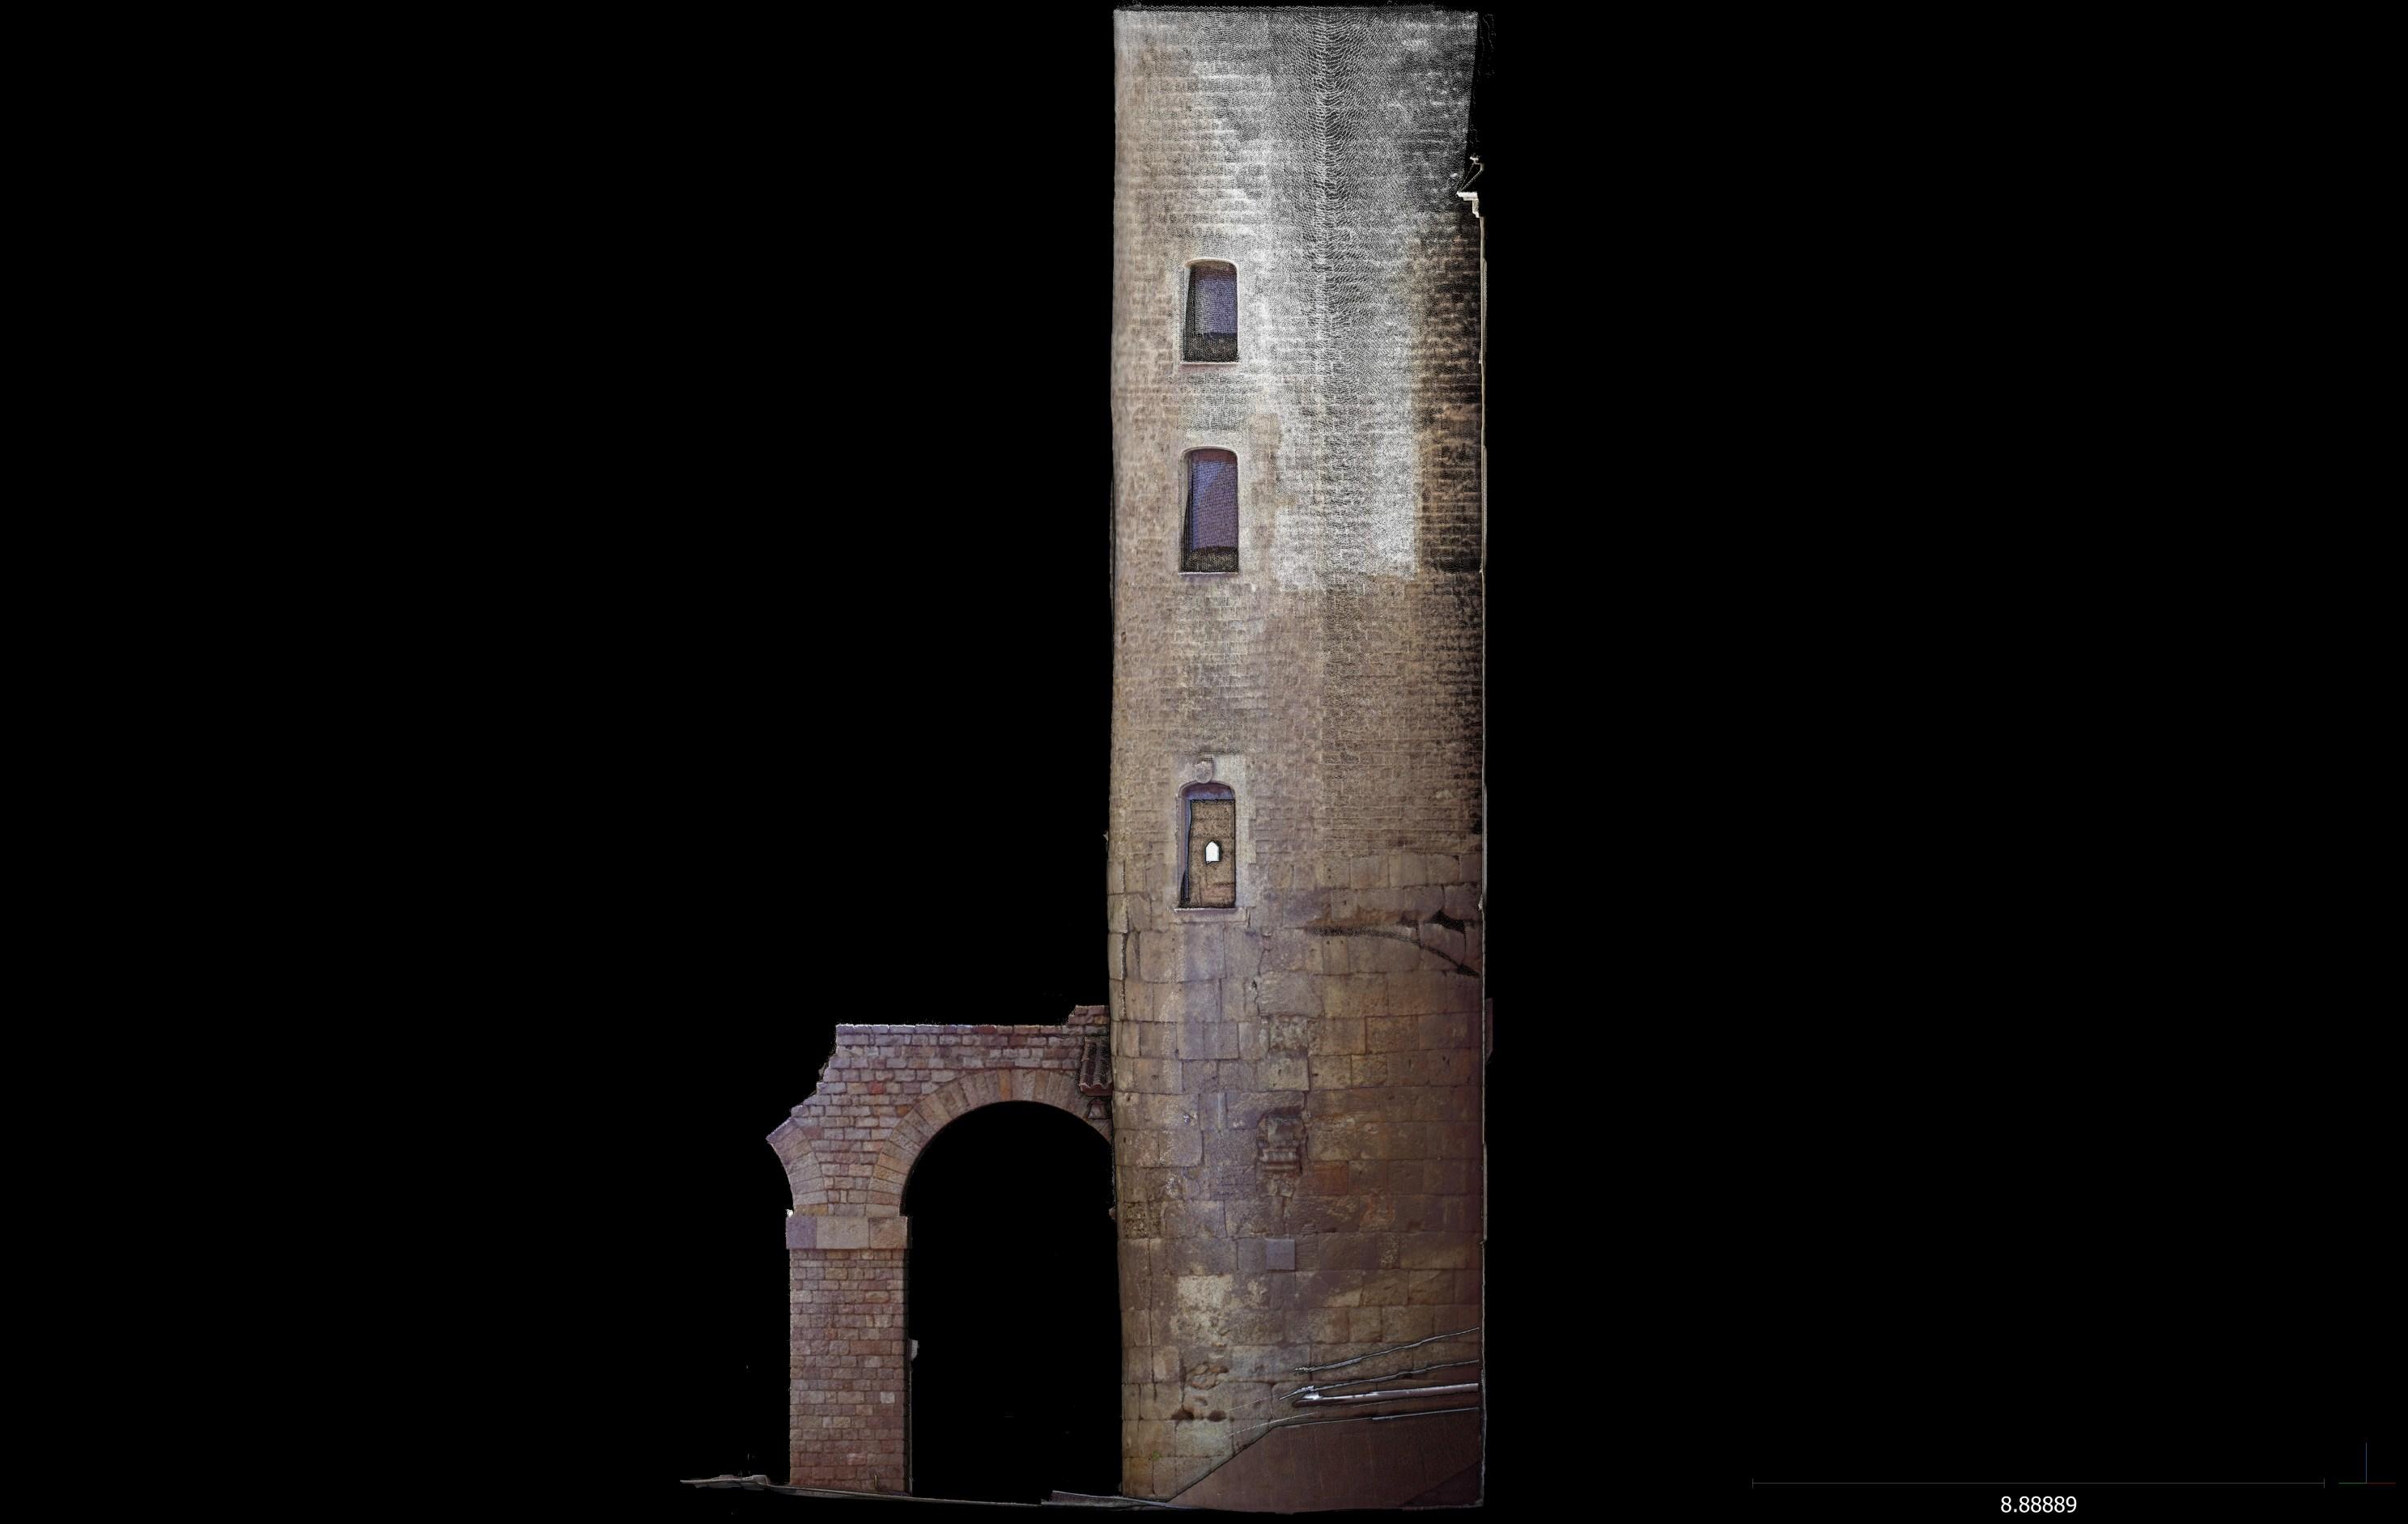 Escàner lateral dret 3D de la torre 1. Imatge: Joan García Biosca